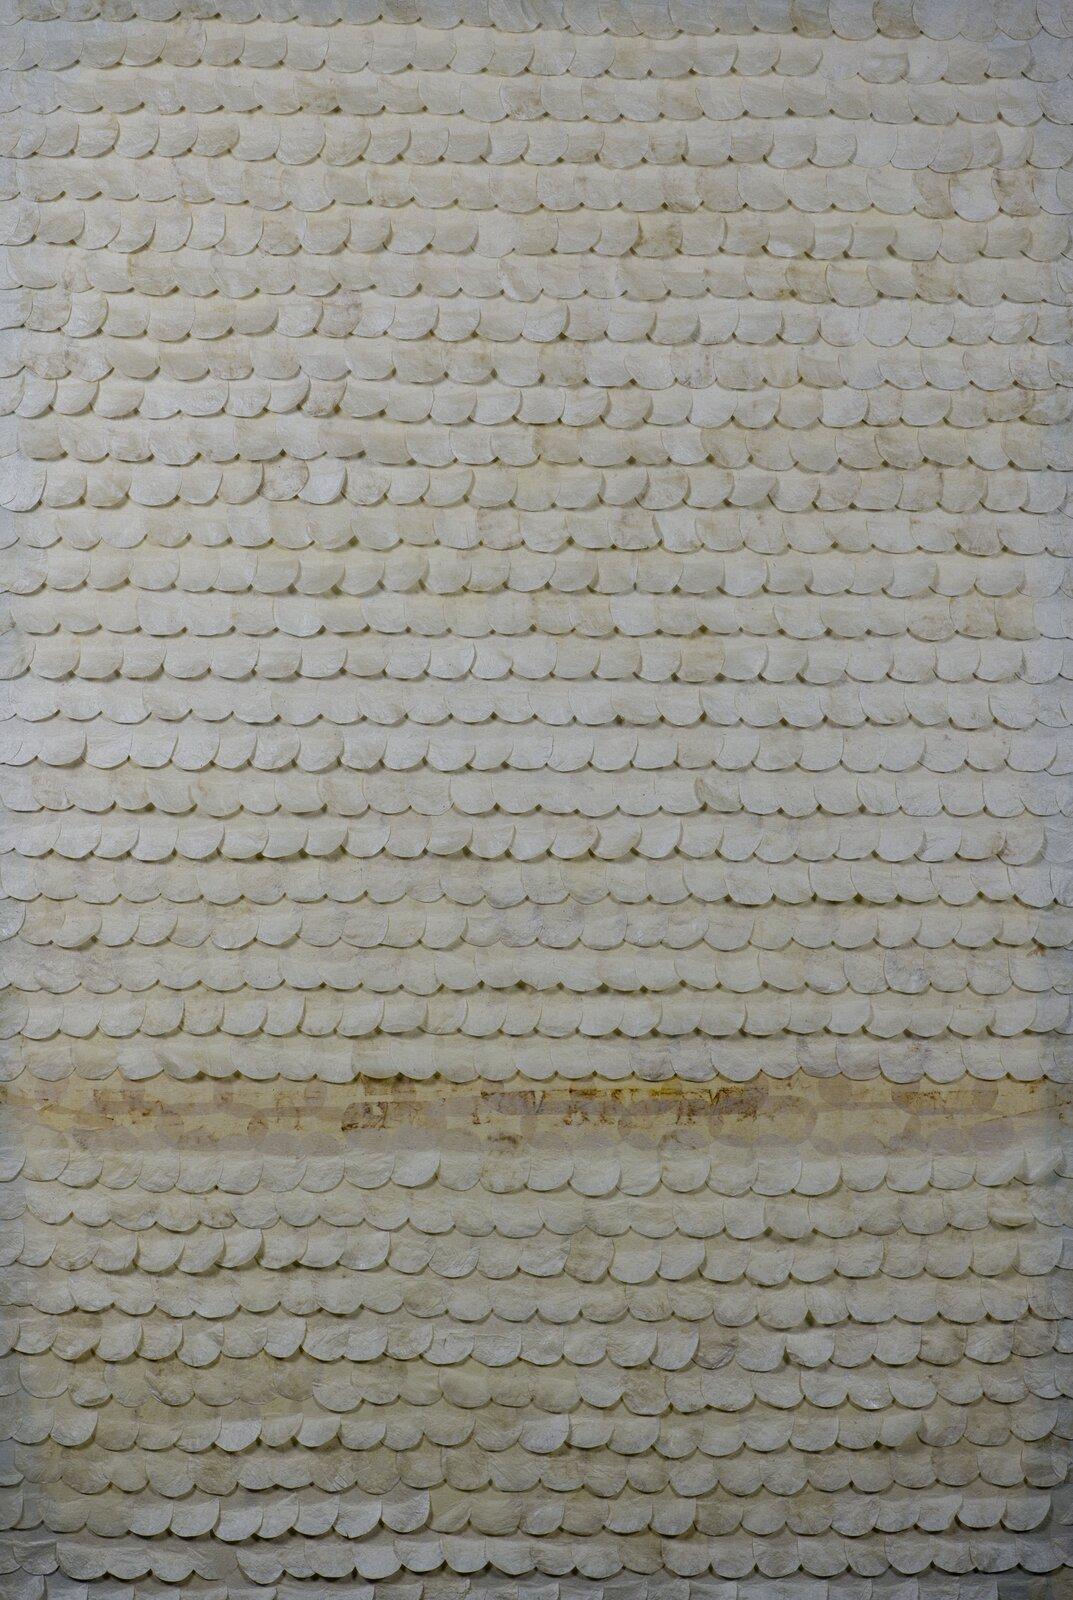 """Ilustracja przedstawia obraz """"Kwitnące I"""" autorstwa Joanny Chołaścińskiej. Na jasno-beżowym tle poprzyklejane zostały rzędy półokrągłych karteczek wkształcie łusek oniejednolitej, biało-beżowej powierzchni. Wdolnej partii obrazu, między rzędami znajduje się przerwa znieczytelnym, poprzecieranym, brązowym napisem. Monochromatyczna, statyczna kompozycja utrzymana jest wbeżowej tonacji barw."""